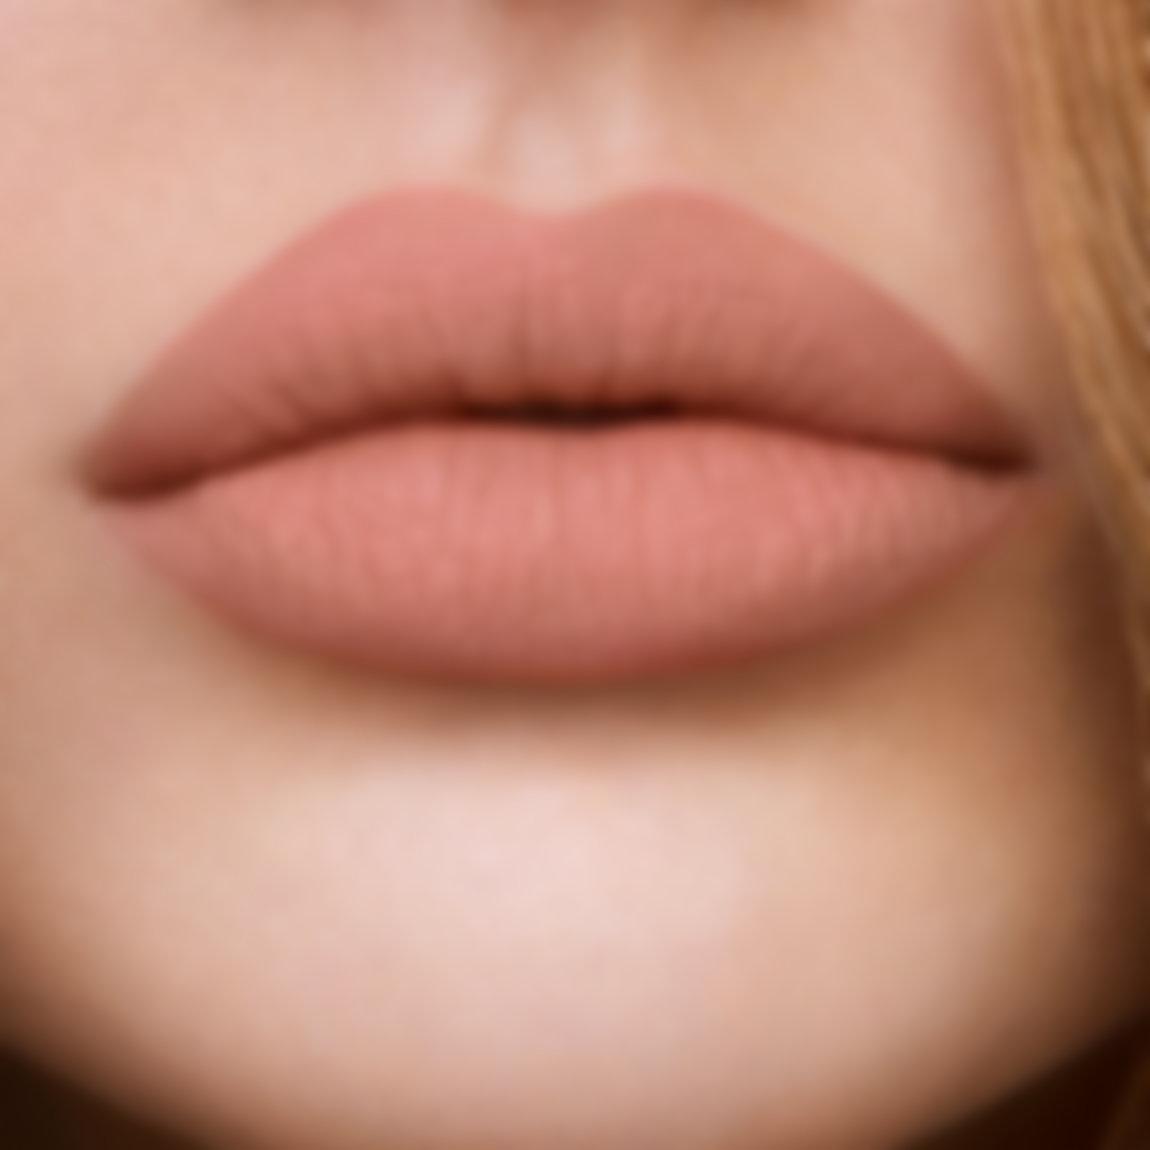 картинки губной помады бежевого цвета проявления этой